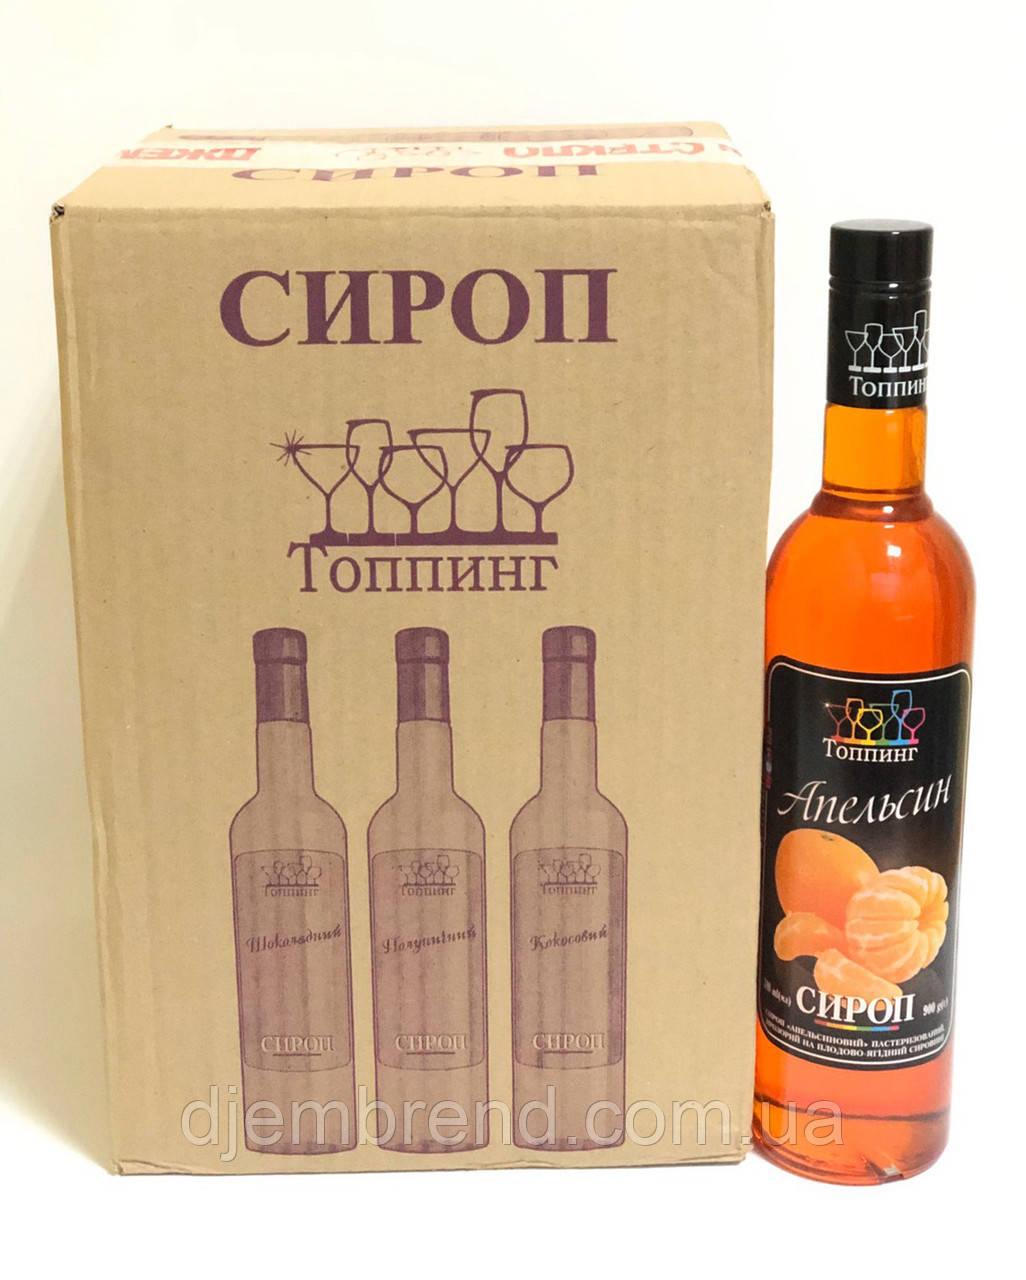 Сироп для кофе, лимонадов и коктейлей Апельсин ТМ Топпинг, в коробке 9 шт.